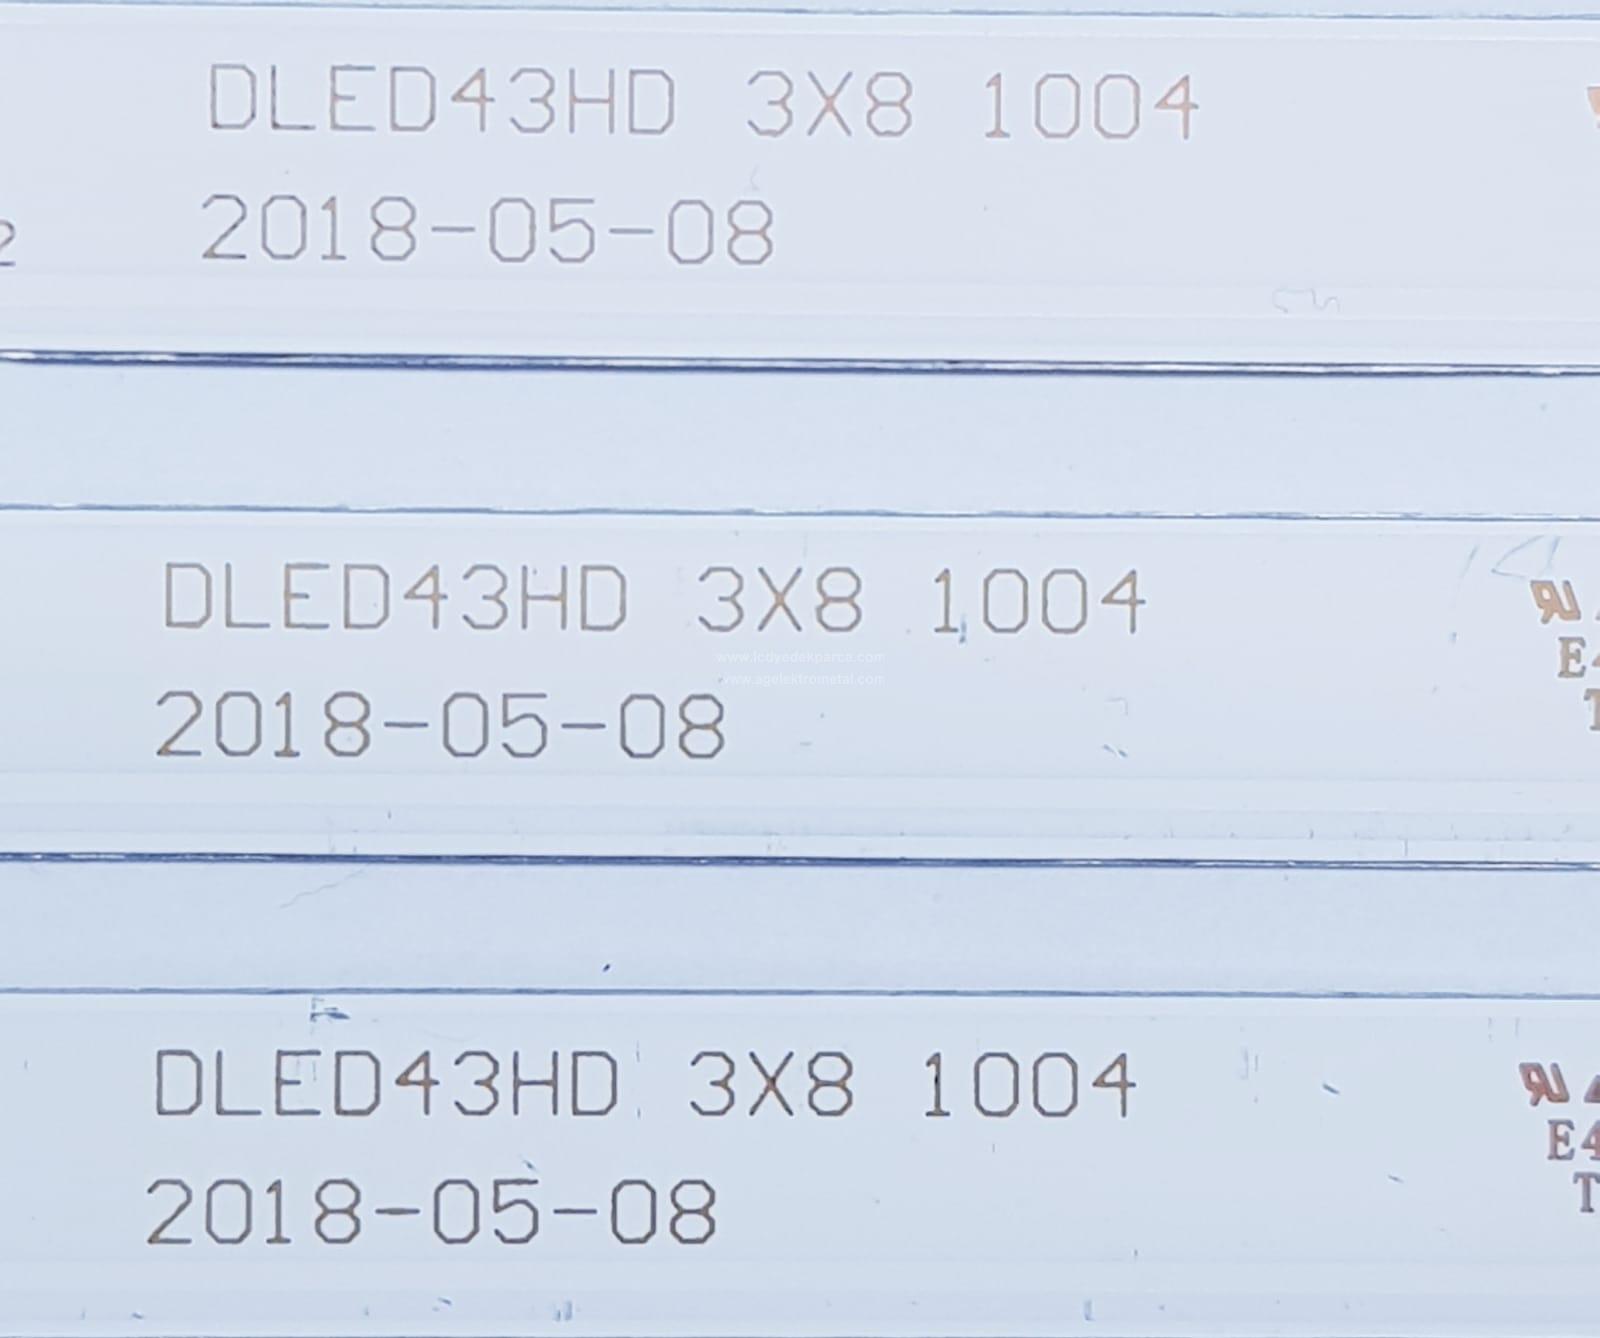 DLED43HD , 3X8 1004 , 2018-05-08 , M196/A3/J , NIKAI , KM0430LDLF00229 , NTV4300SLEDT , 3 ADET LED ÇUBUK